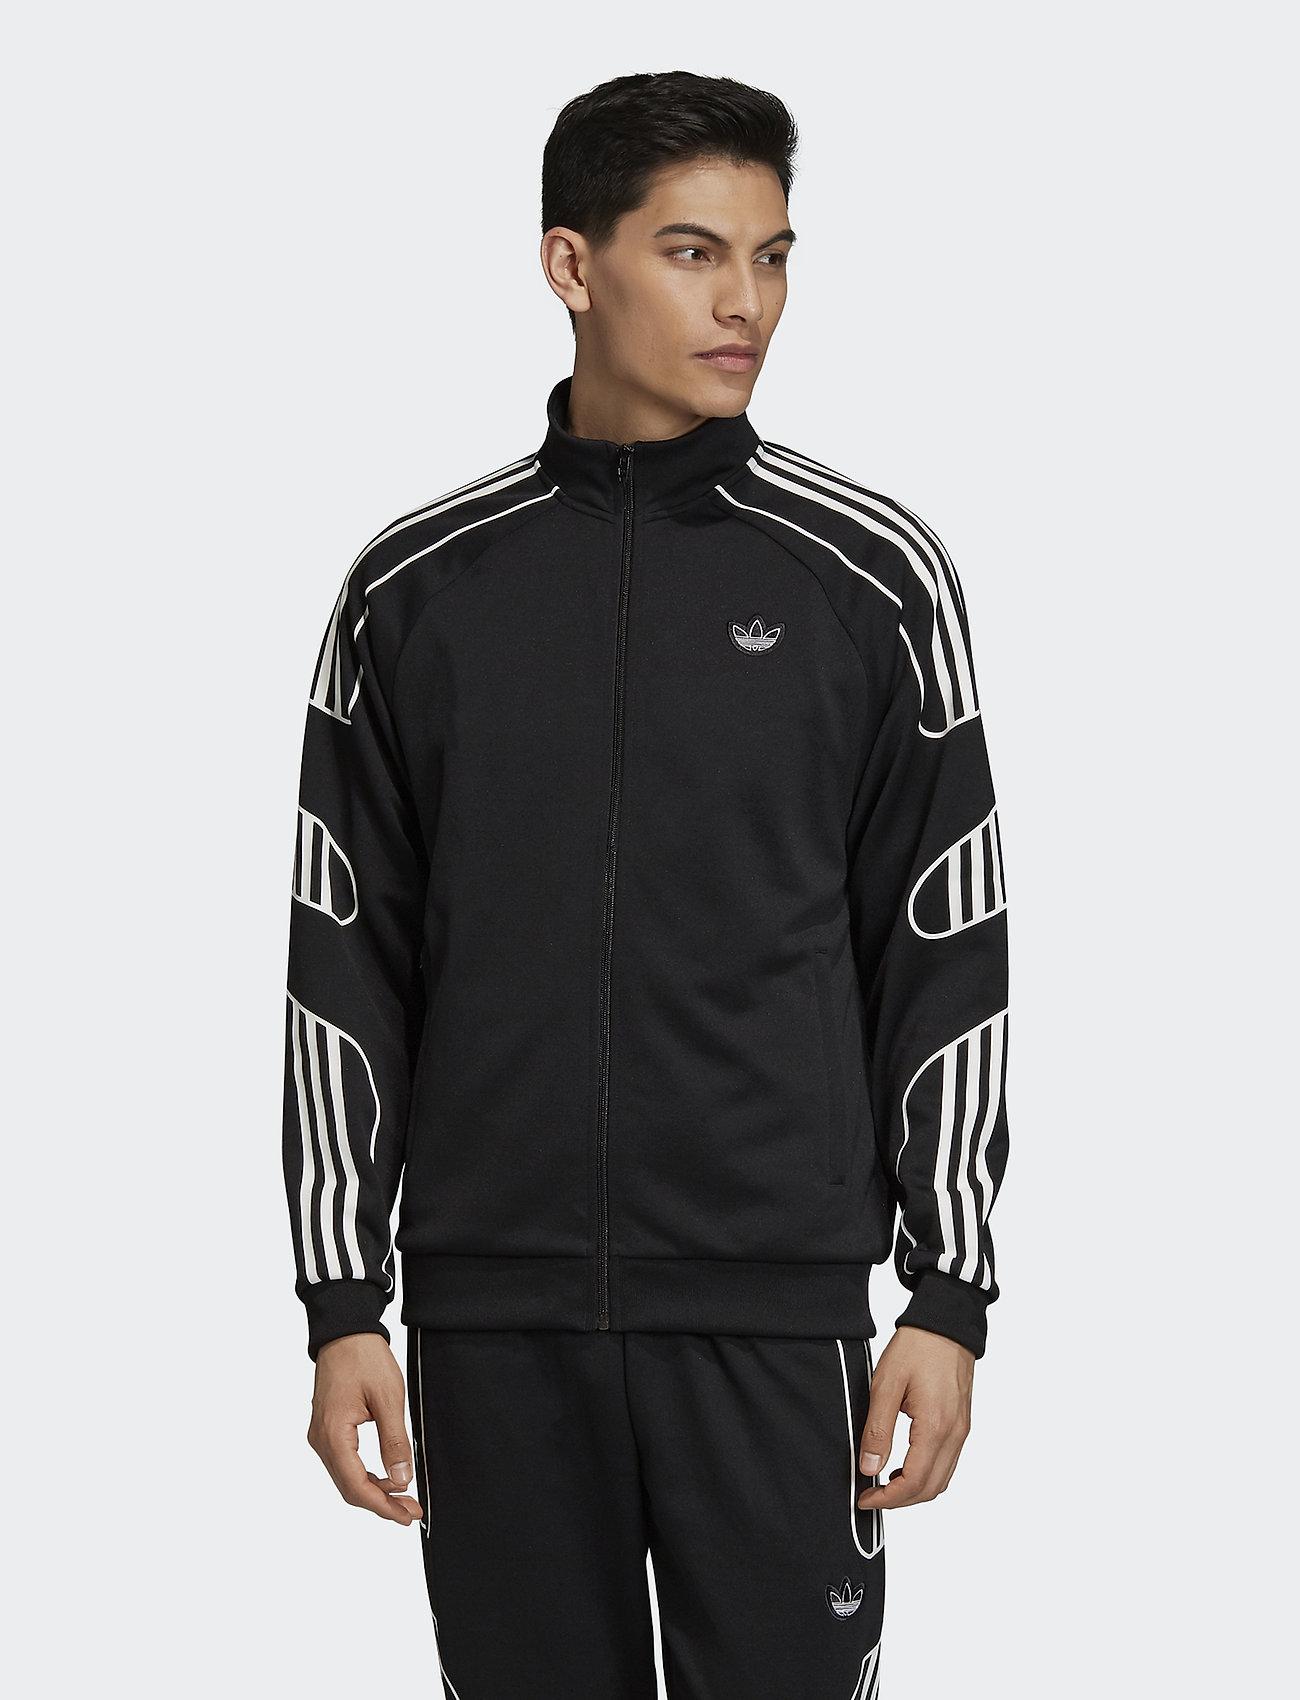 adidas Originals - FSTRIKE TT - track jackets - black - 0